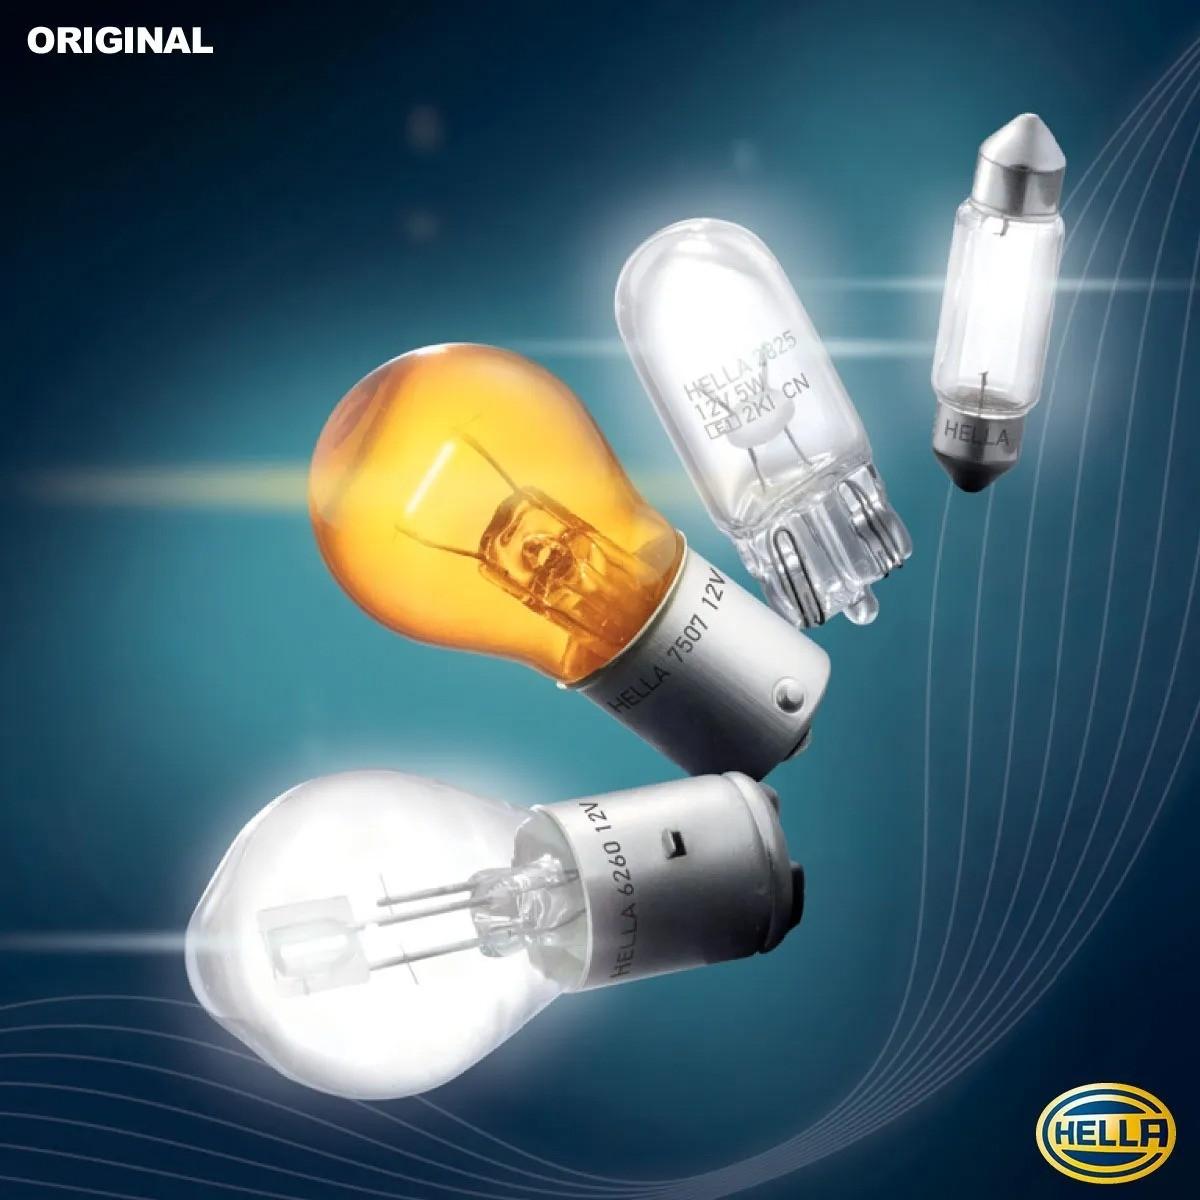 KIT 10 LAMPADAS CONVENCIONAIS 12V ESMAGADA 12V 1.2W